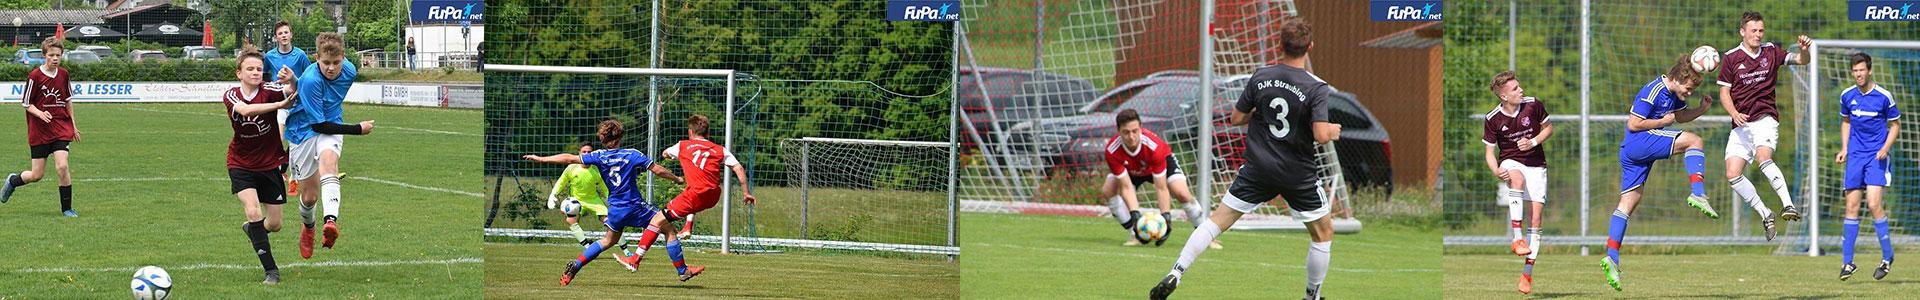 Headerbild - verschiedene Fußballfotos während eines Spiels